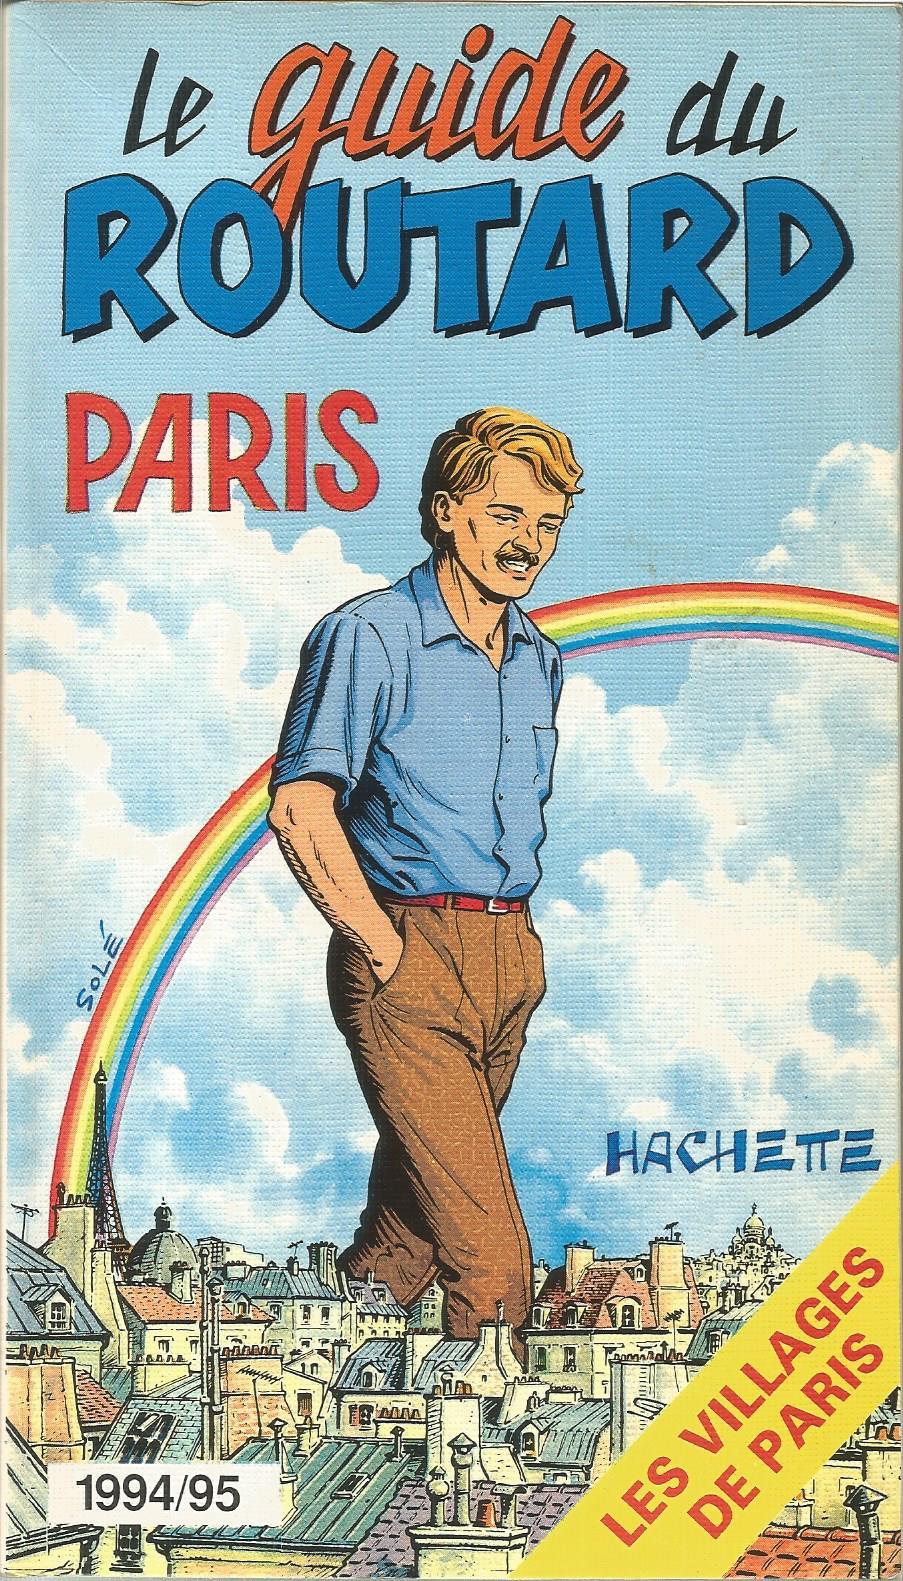 Le guide du routard: Paris 1994/1995